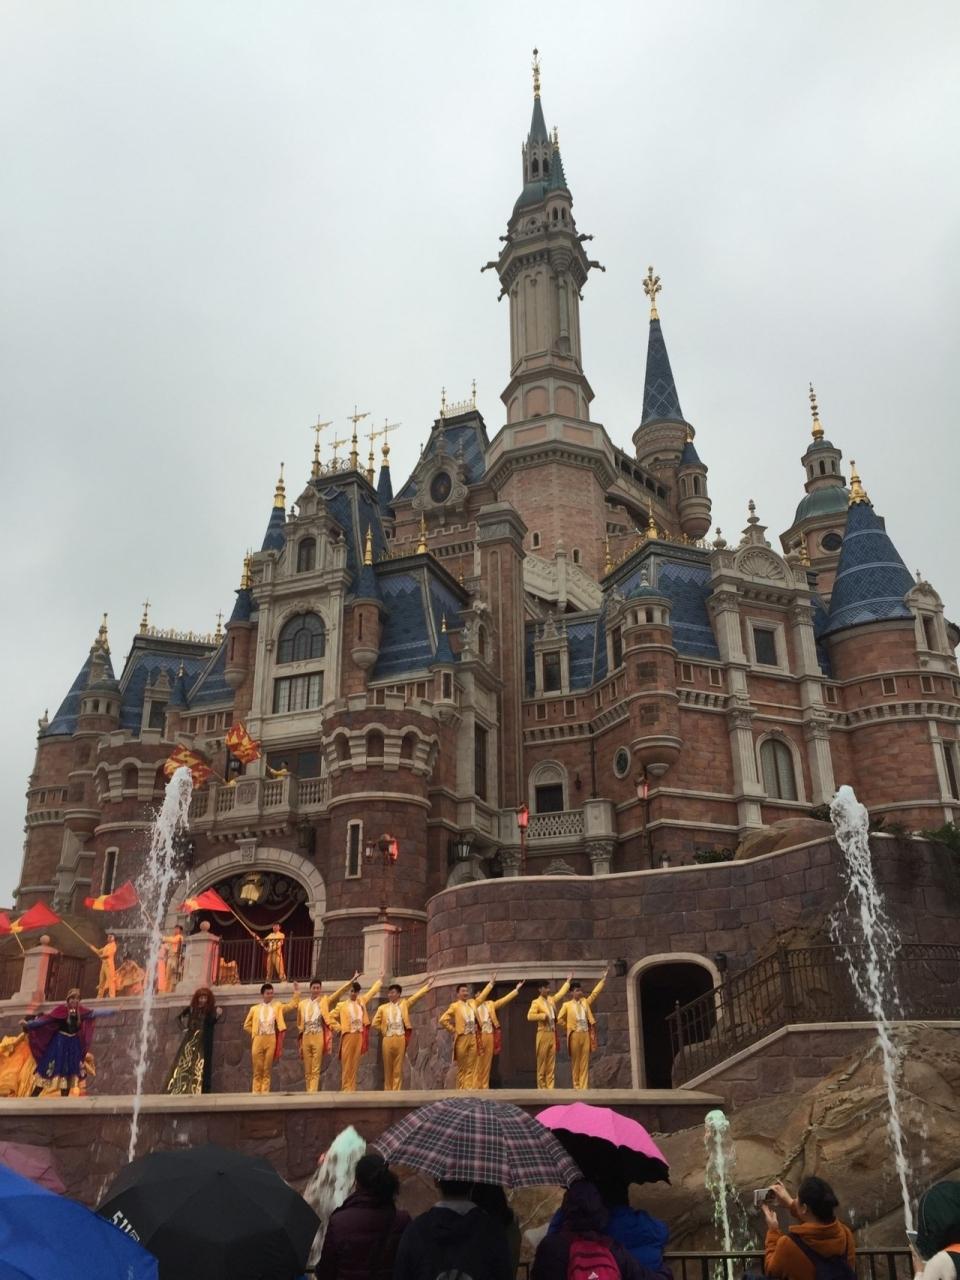 上海旅行2泊3日☆上海ディズニーは、凄かった!!☆(前半)』上海(中国